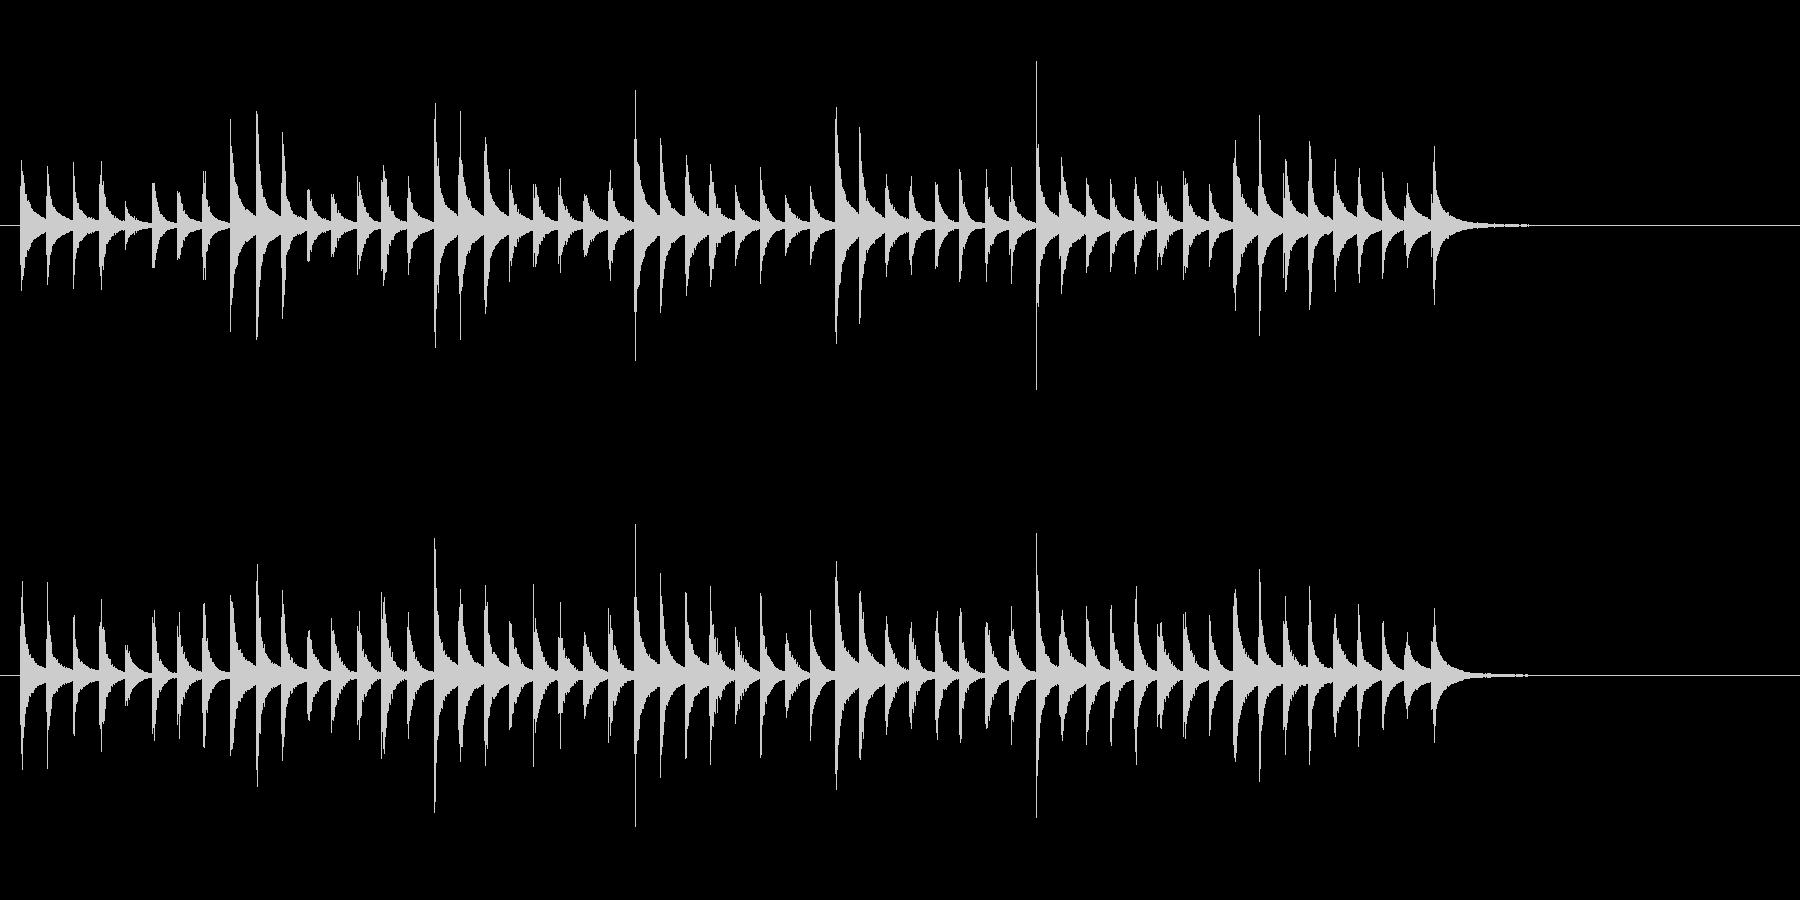 松虫9キラキラ鉄琴アジアン和風歌舞伎鳴物の未再生の波形